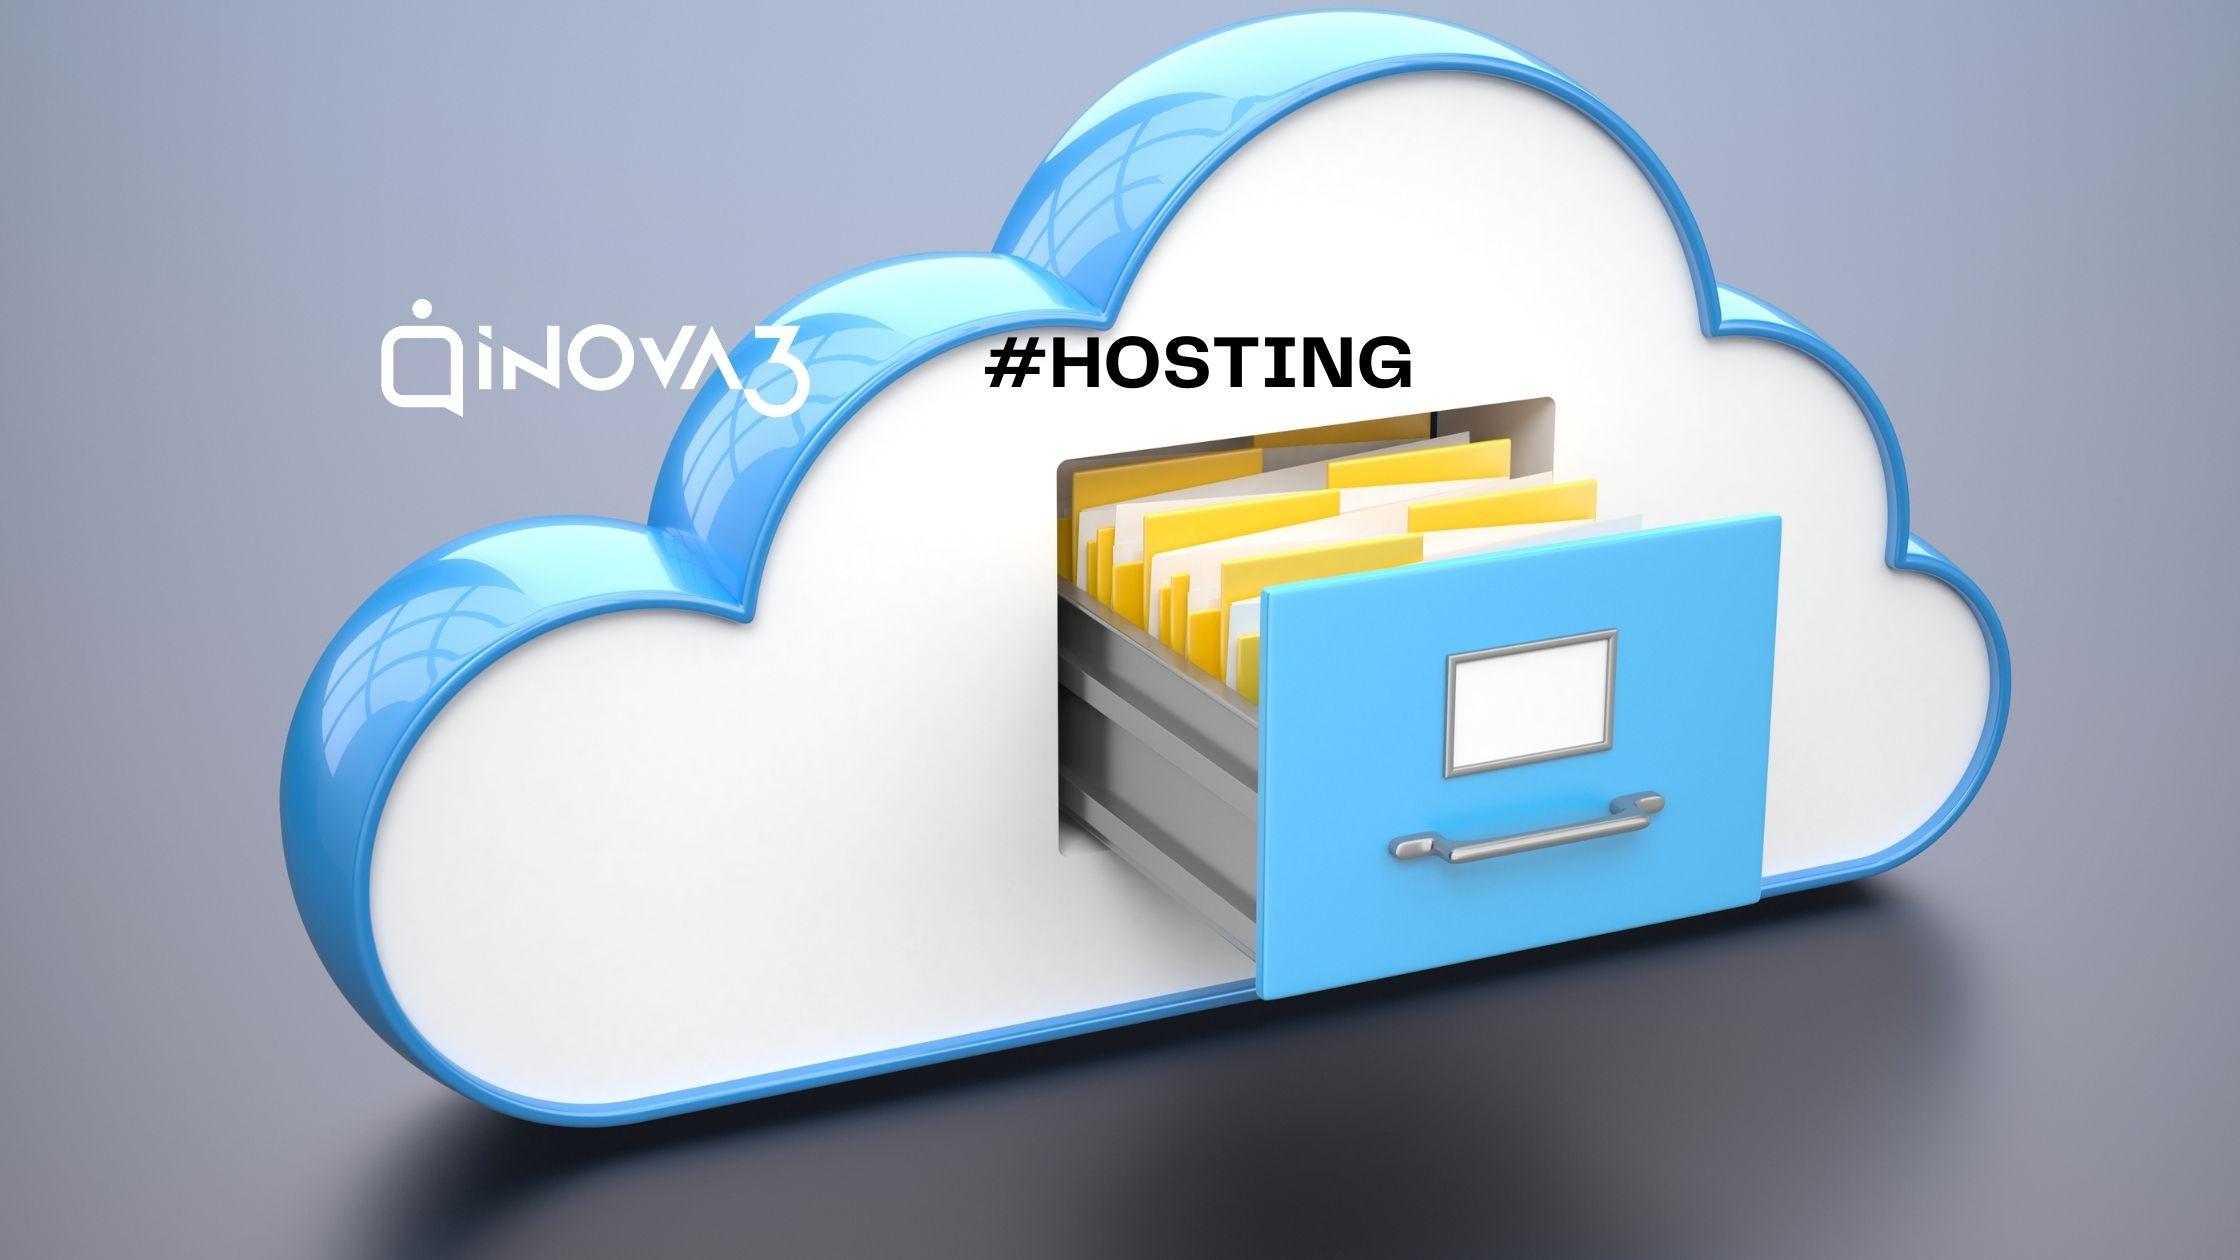 Servicio de hosting INOVA3.net